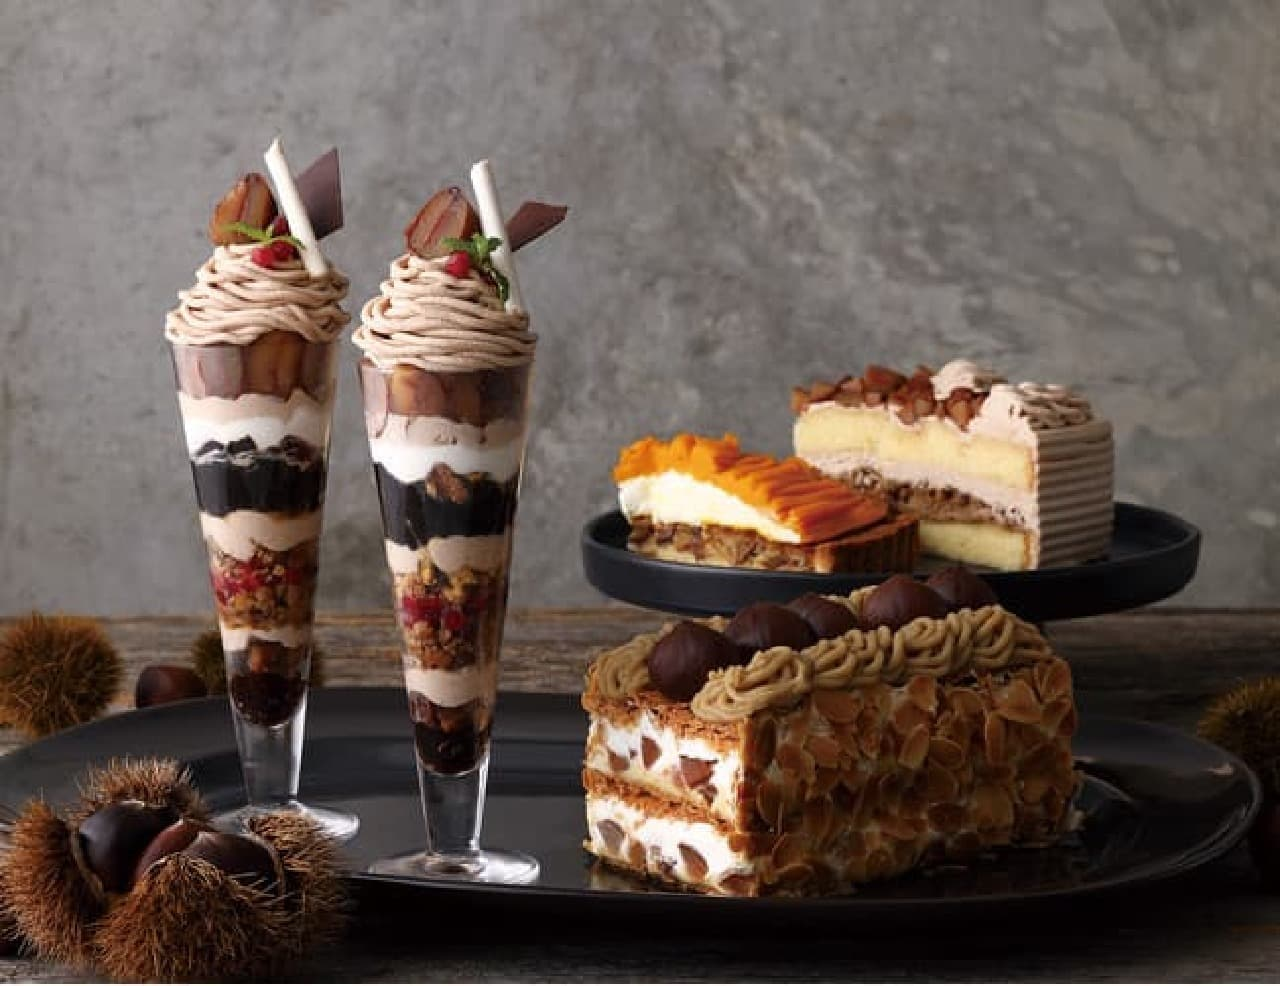 キハチ カフェ「マロンパフェ」「マロンパイ」「栗のショートケーキ」「栗とかぼちゃのタルト」